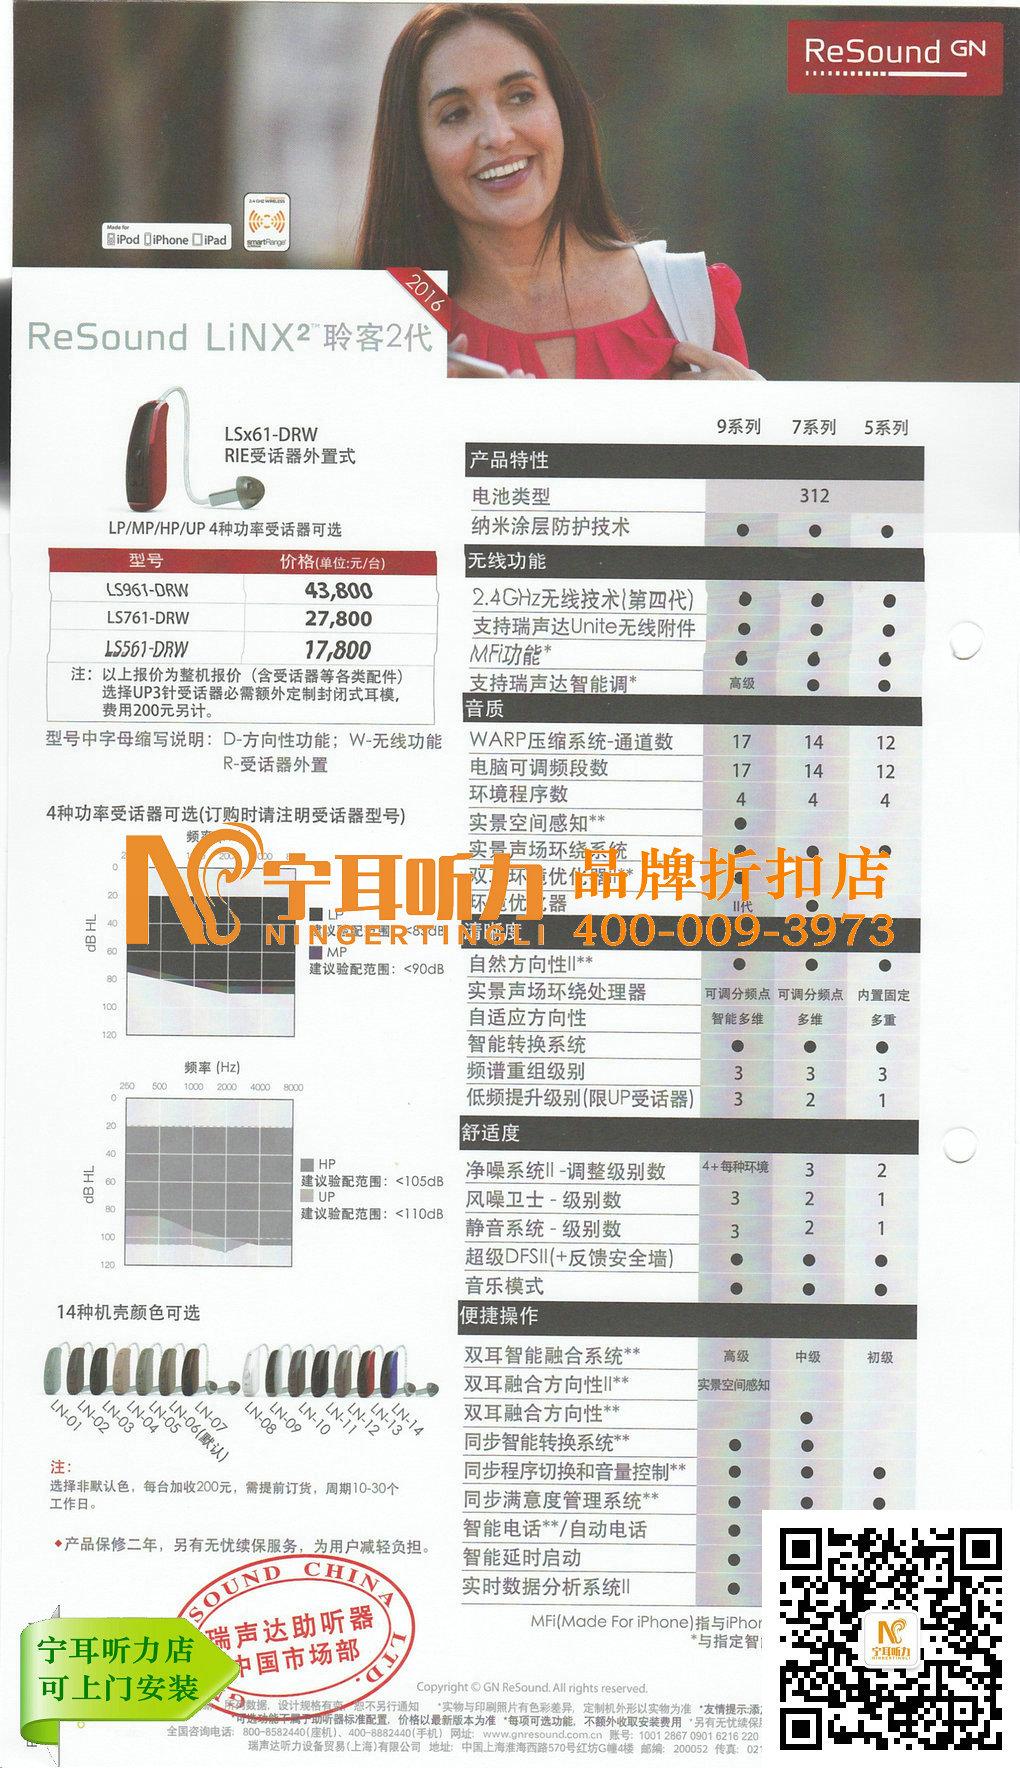 上海瑞声达聆客助听器lS561-DRW价格表,宁耳促销